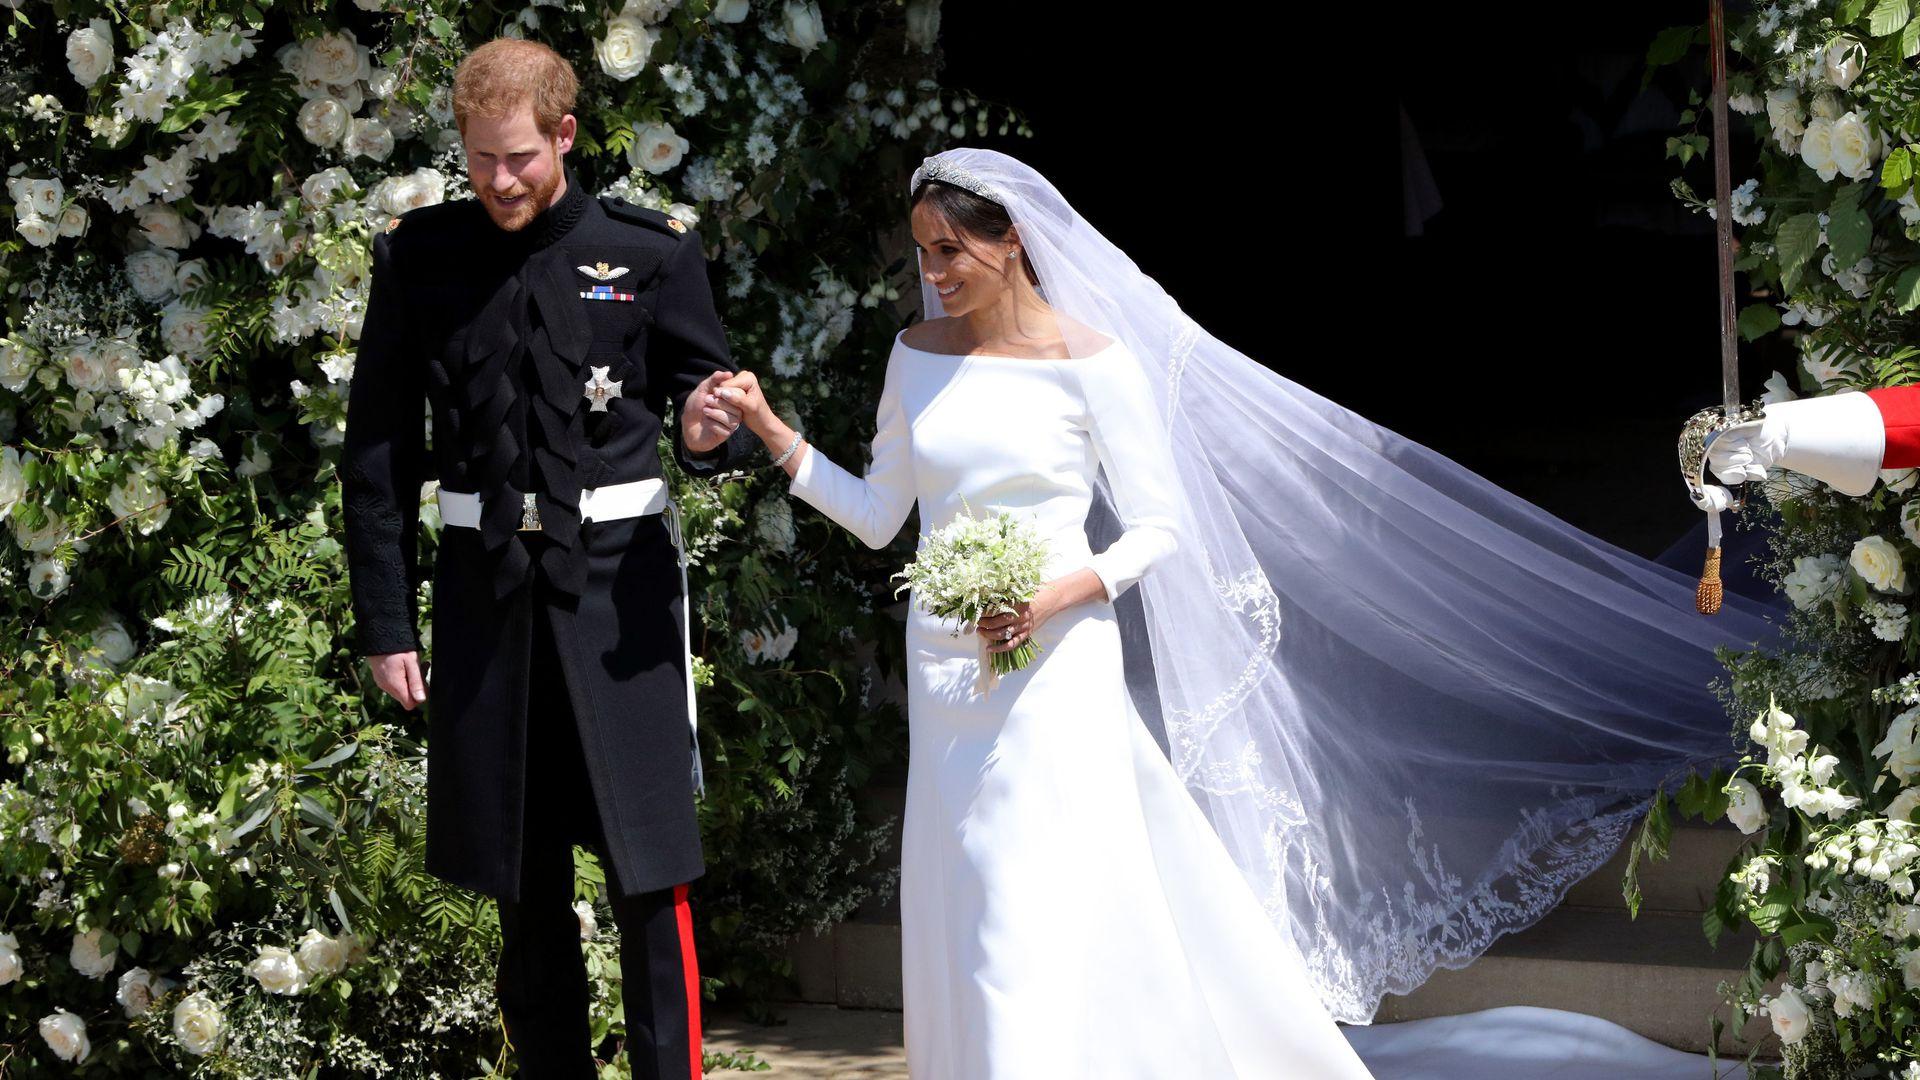 Erstes Foto Das Ist Die Hochzeitstorte Von Harry Meghan